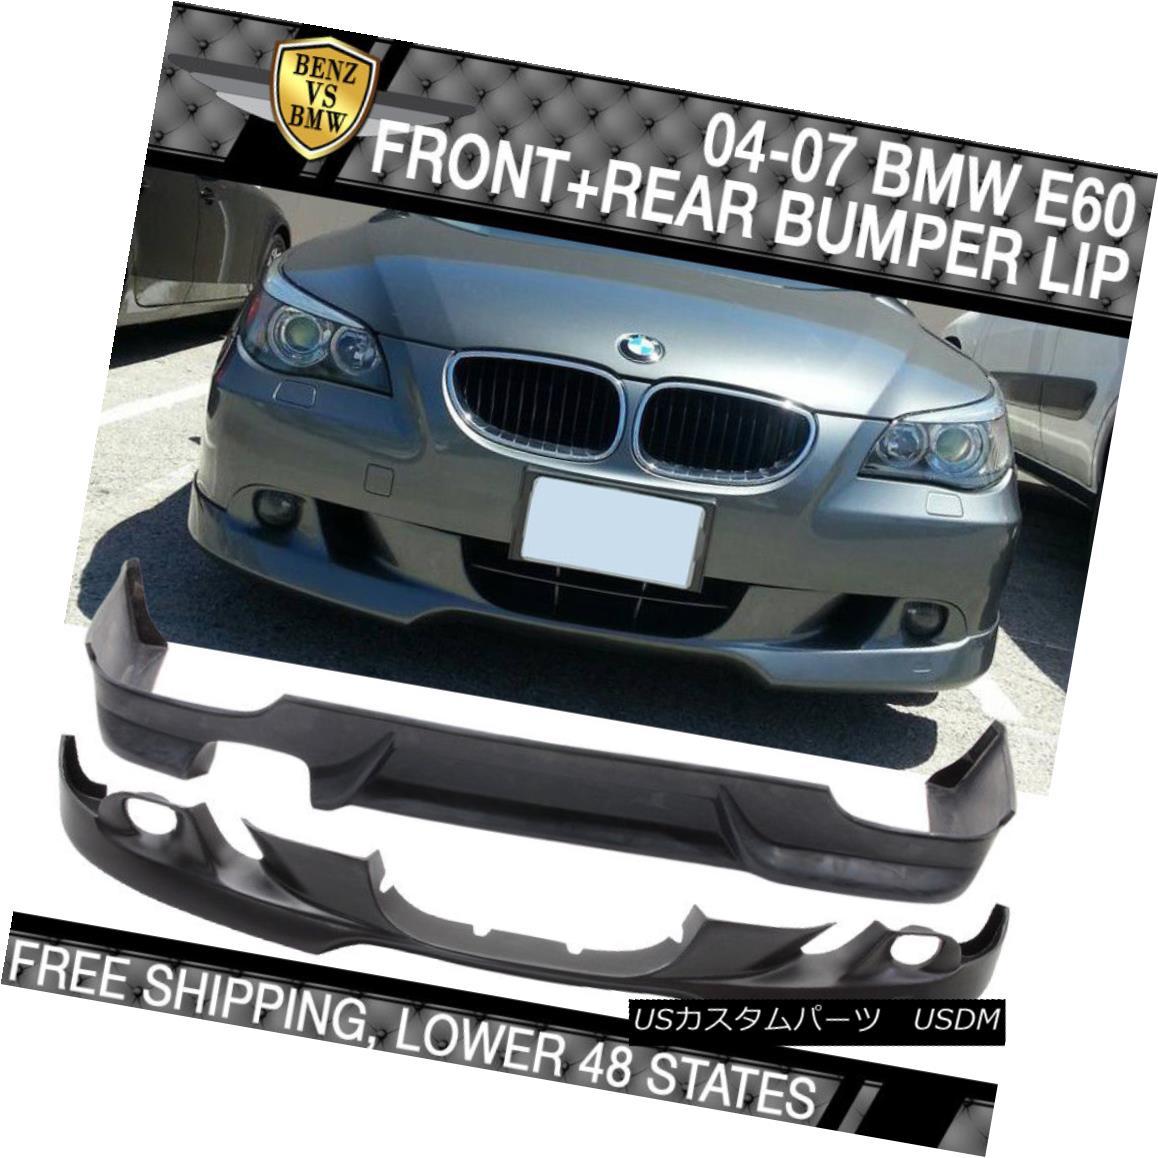 エアロパーツ Fits 04-07 BMW E60 530 540 AC Front + Rear Bumper Lip Spoiler フィット04-07 BMW E60 530 540 ACフロント+リアバンパーリップスポイラー